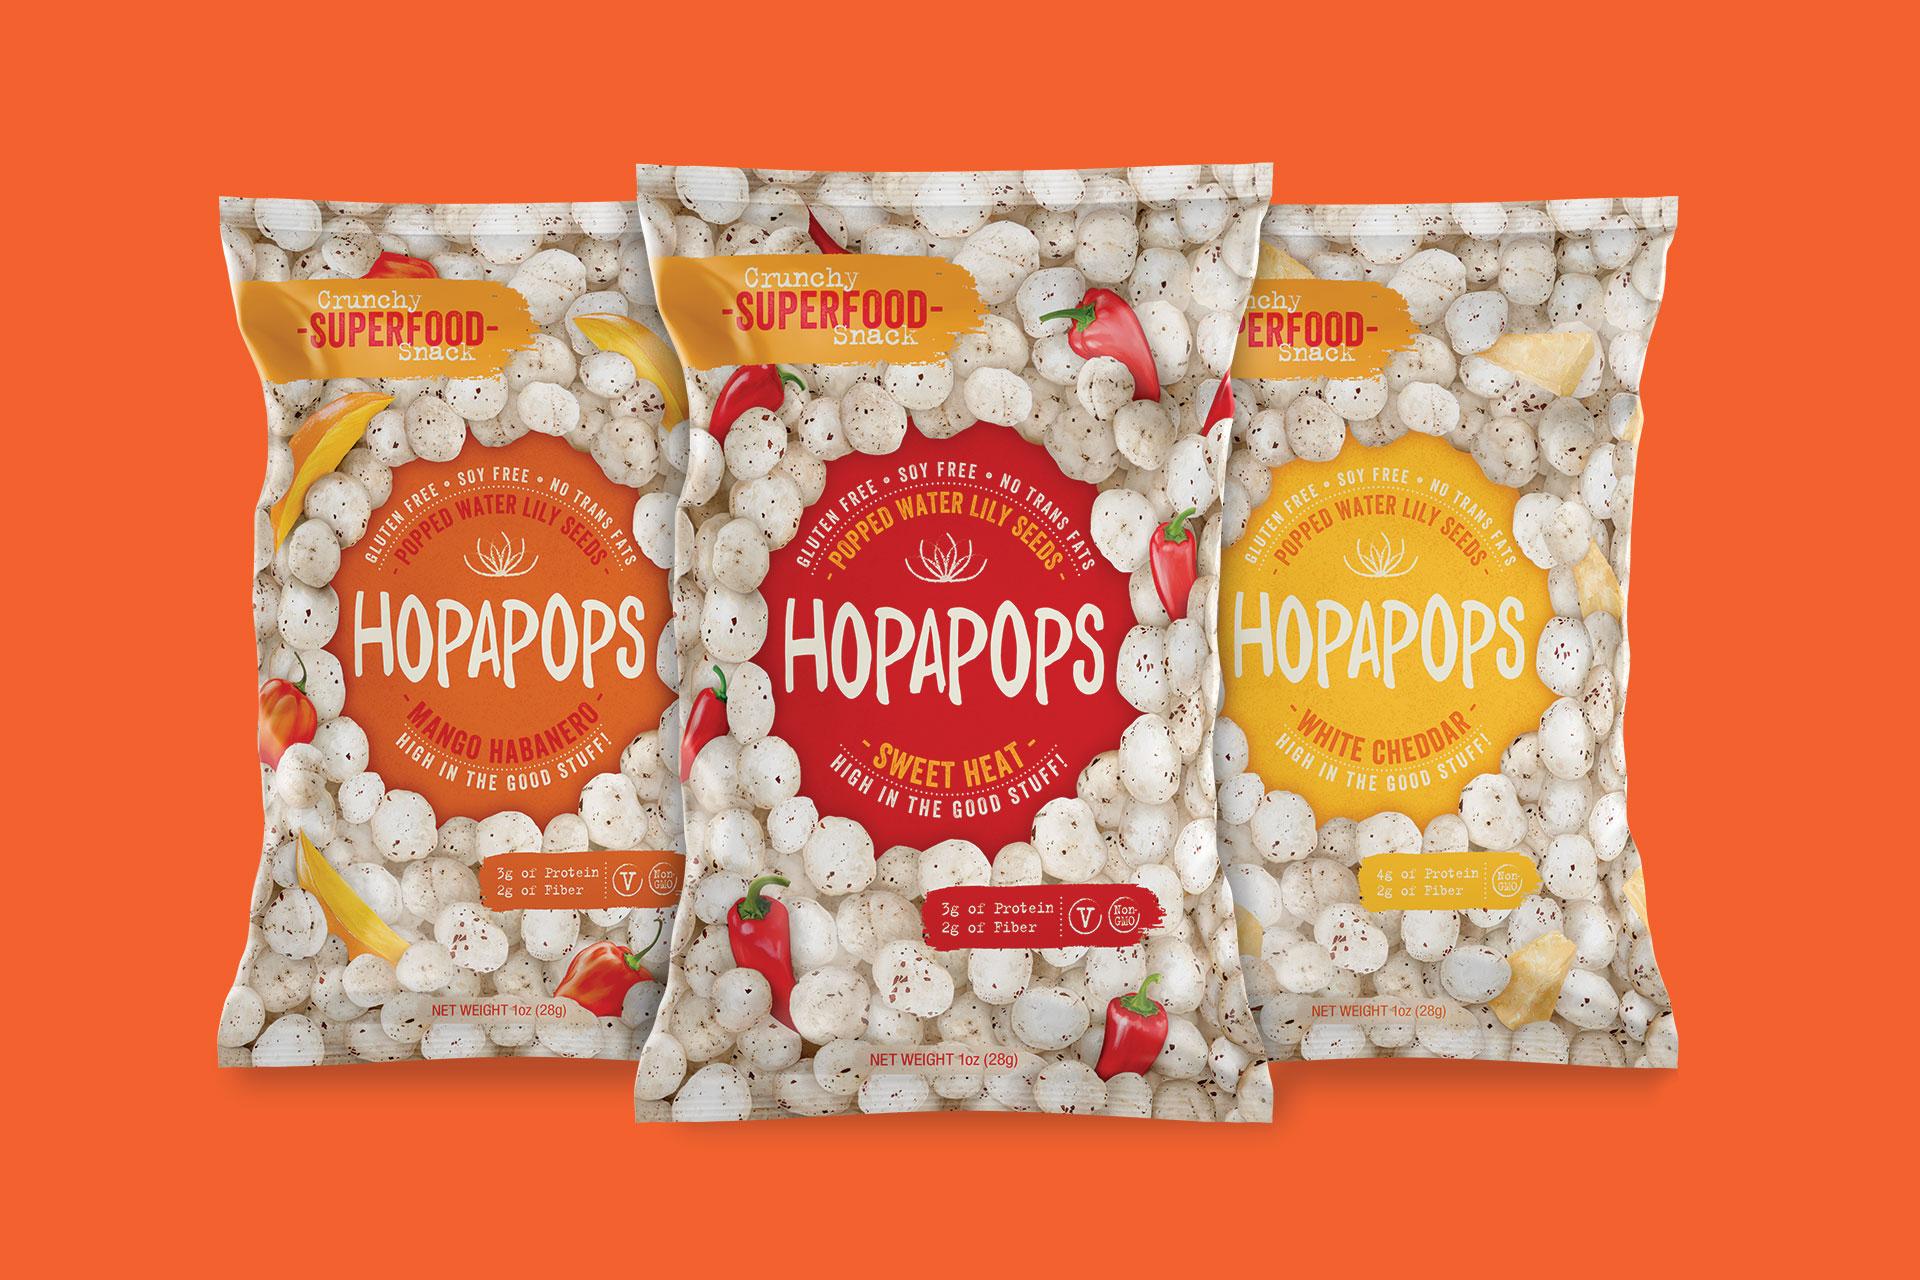 Hopapops